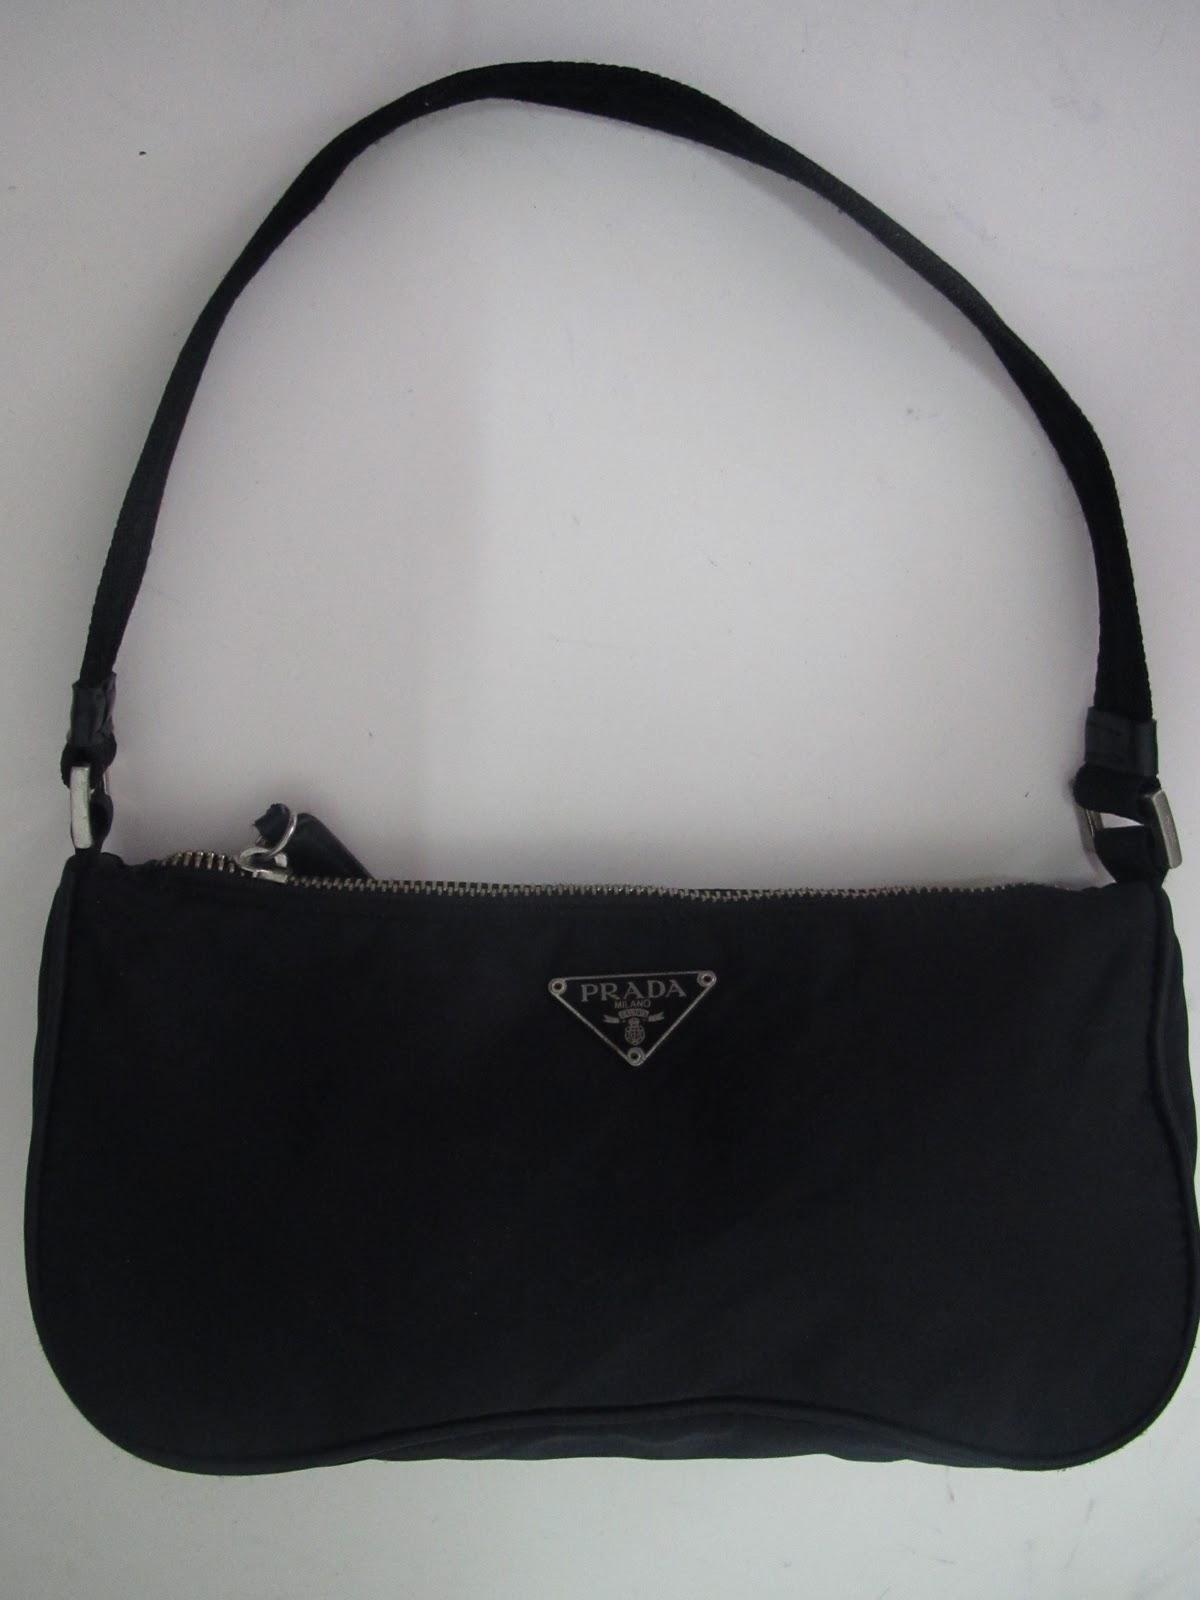 088484dfd381 spain prada evening clutch bags 945dd 15599